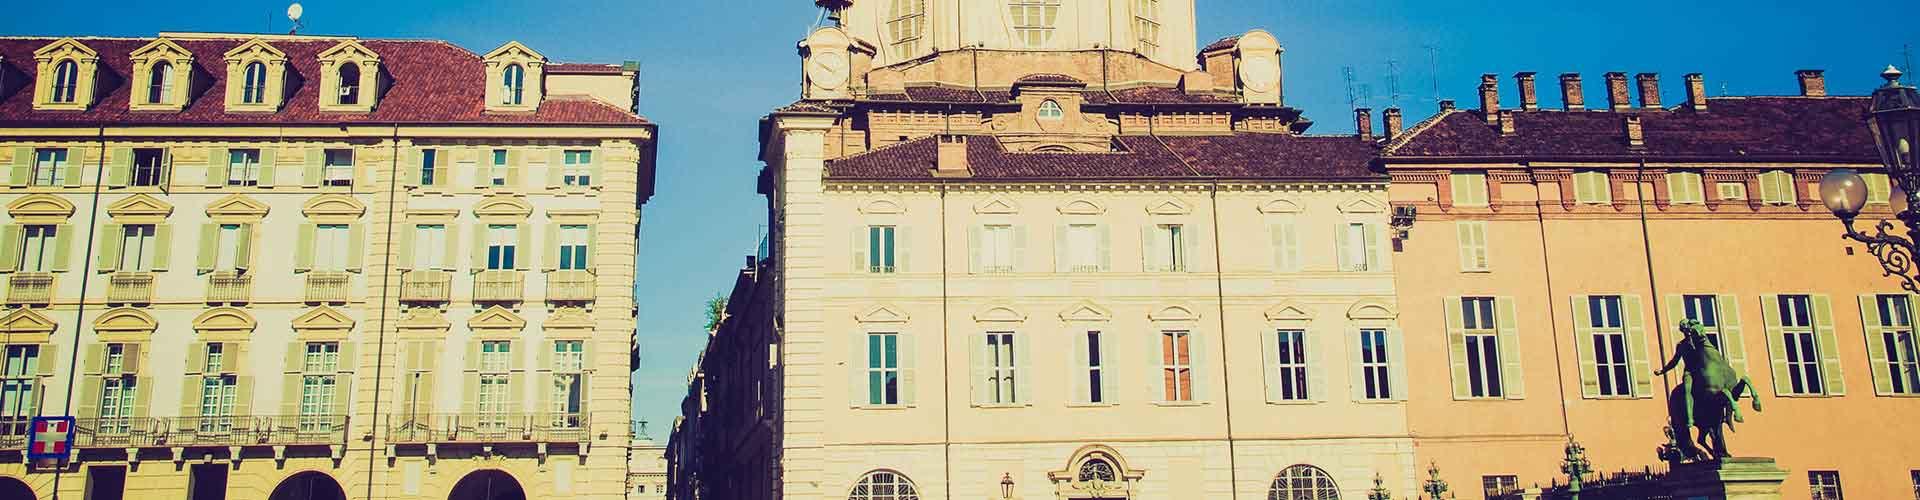 Naples - Appartements dans le quartier de San Lorenzo. Cartes pour Naples, photos et commentaires pour chaque appartement à Naples.